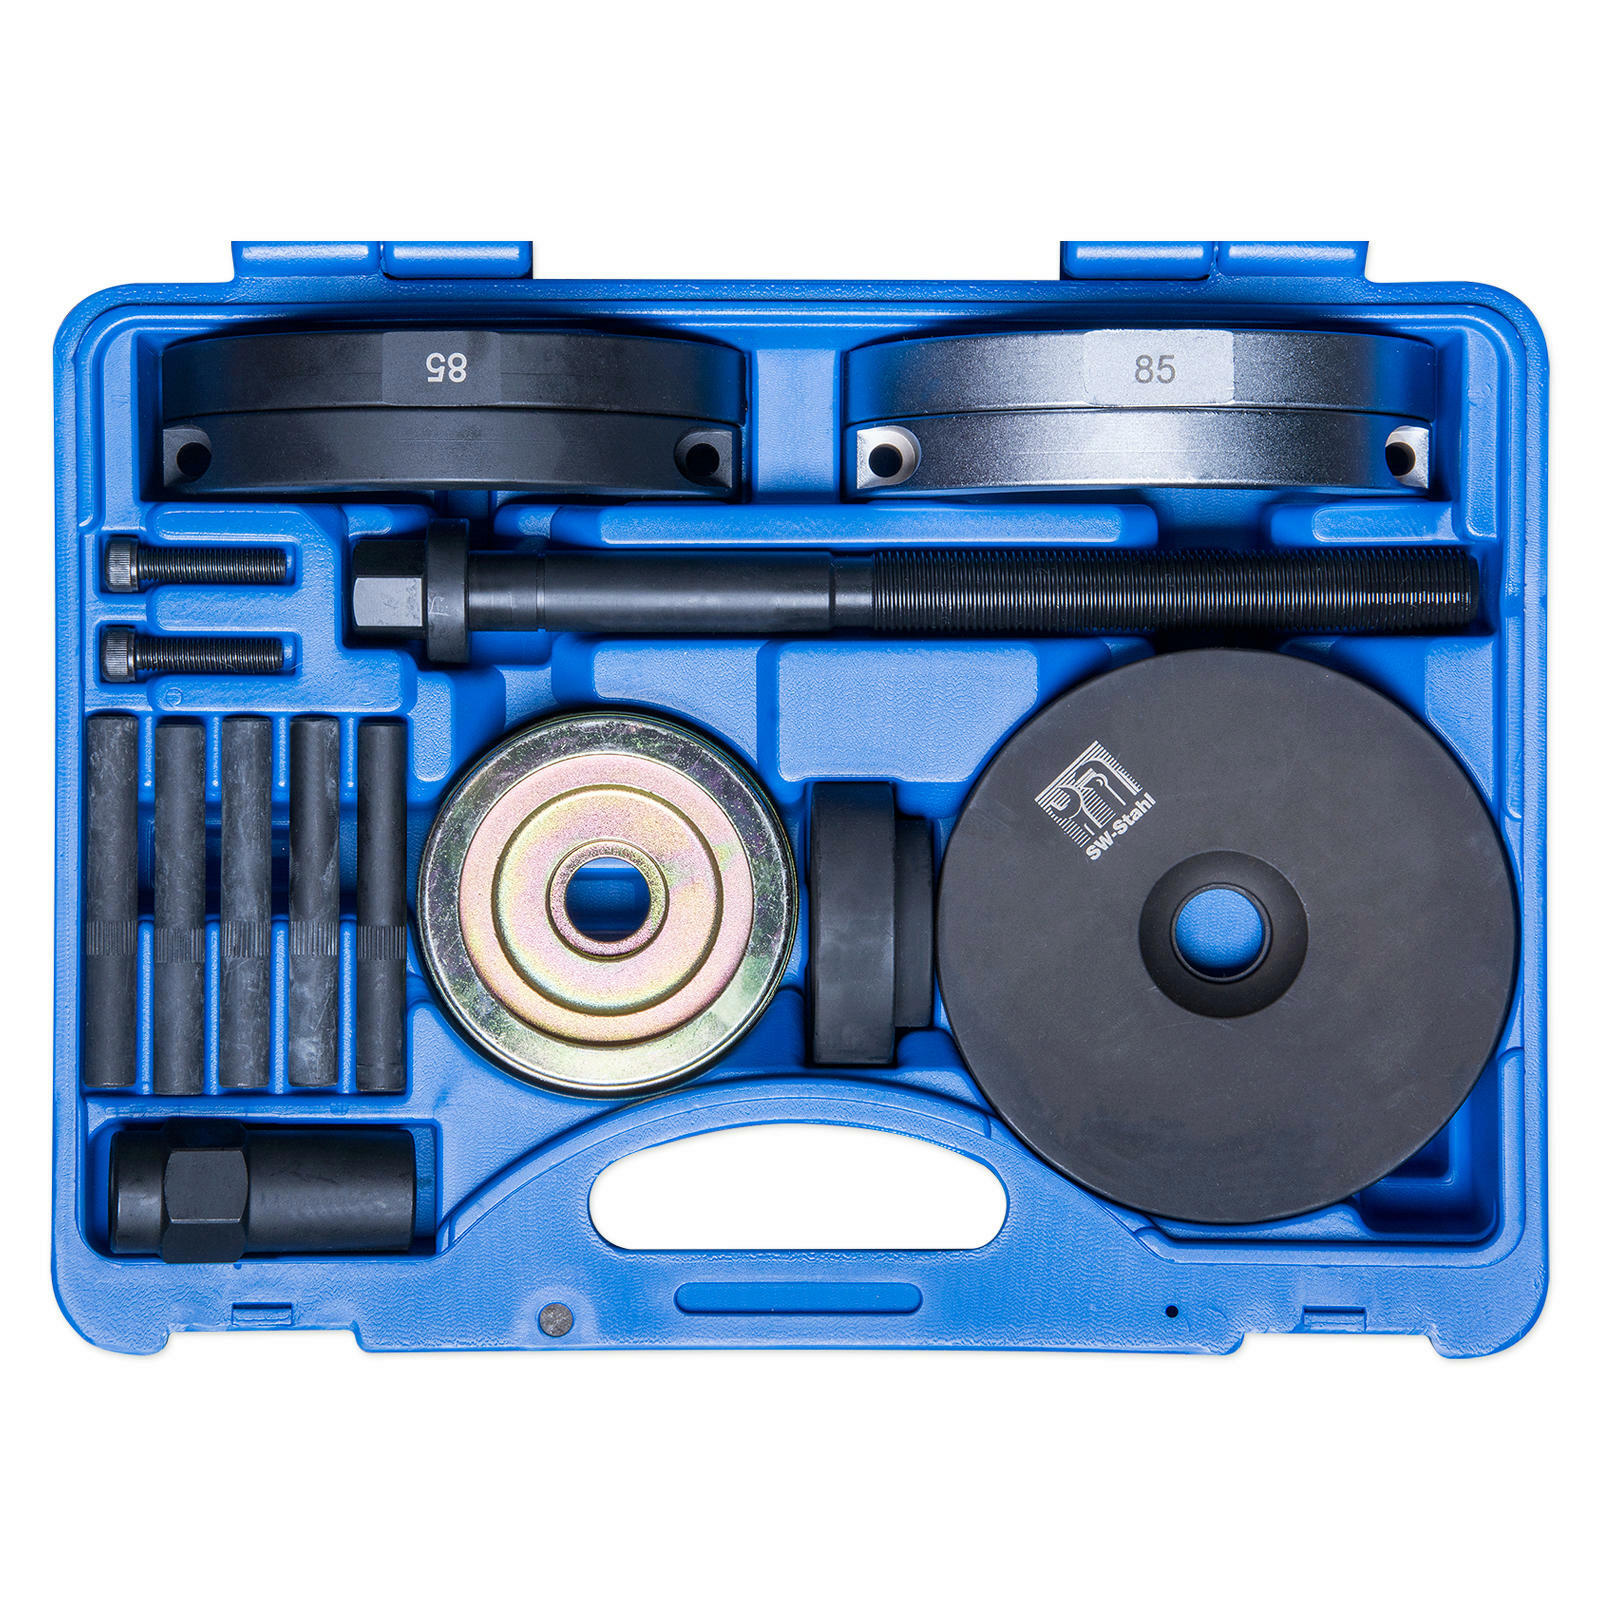 SW-Stahl Kompaktlager Werkzeugsatz